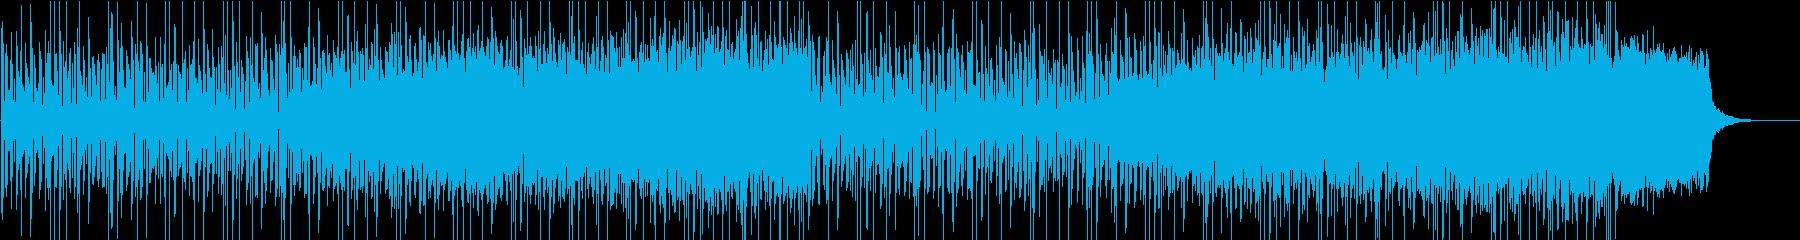 戦う人応援ソングの再生済みの波形